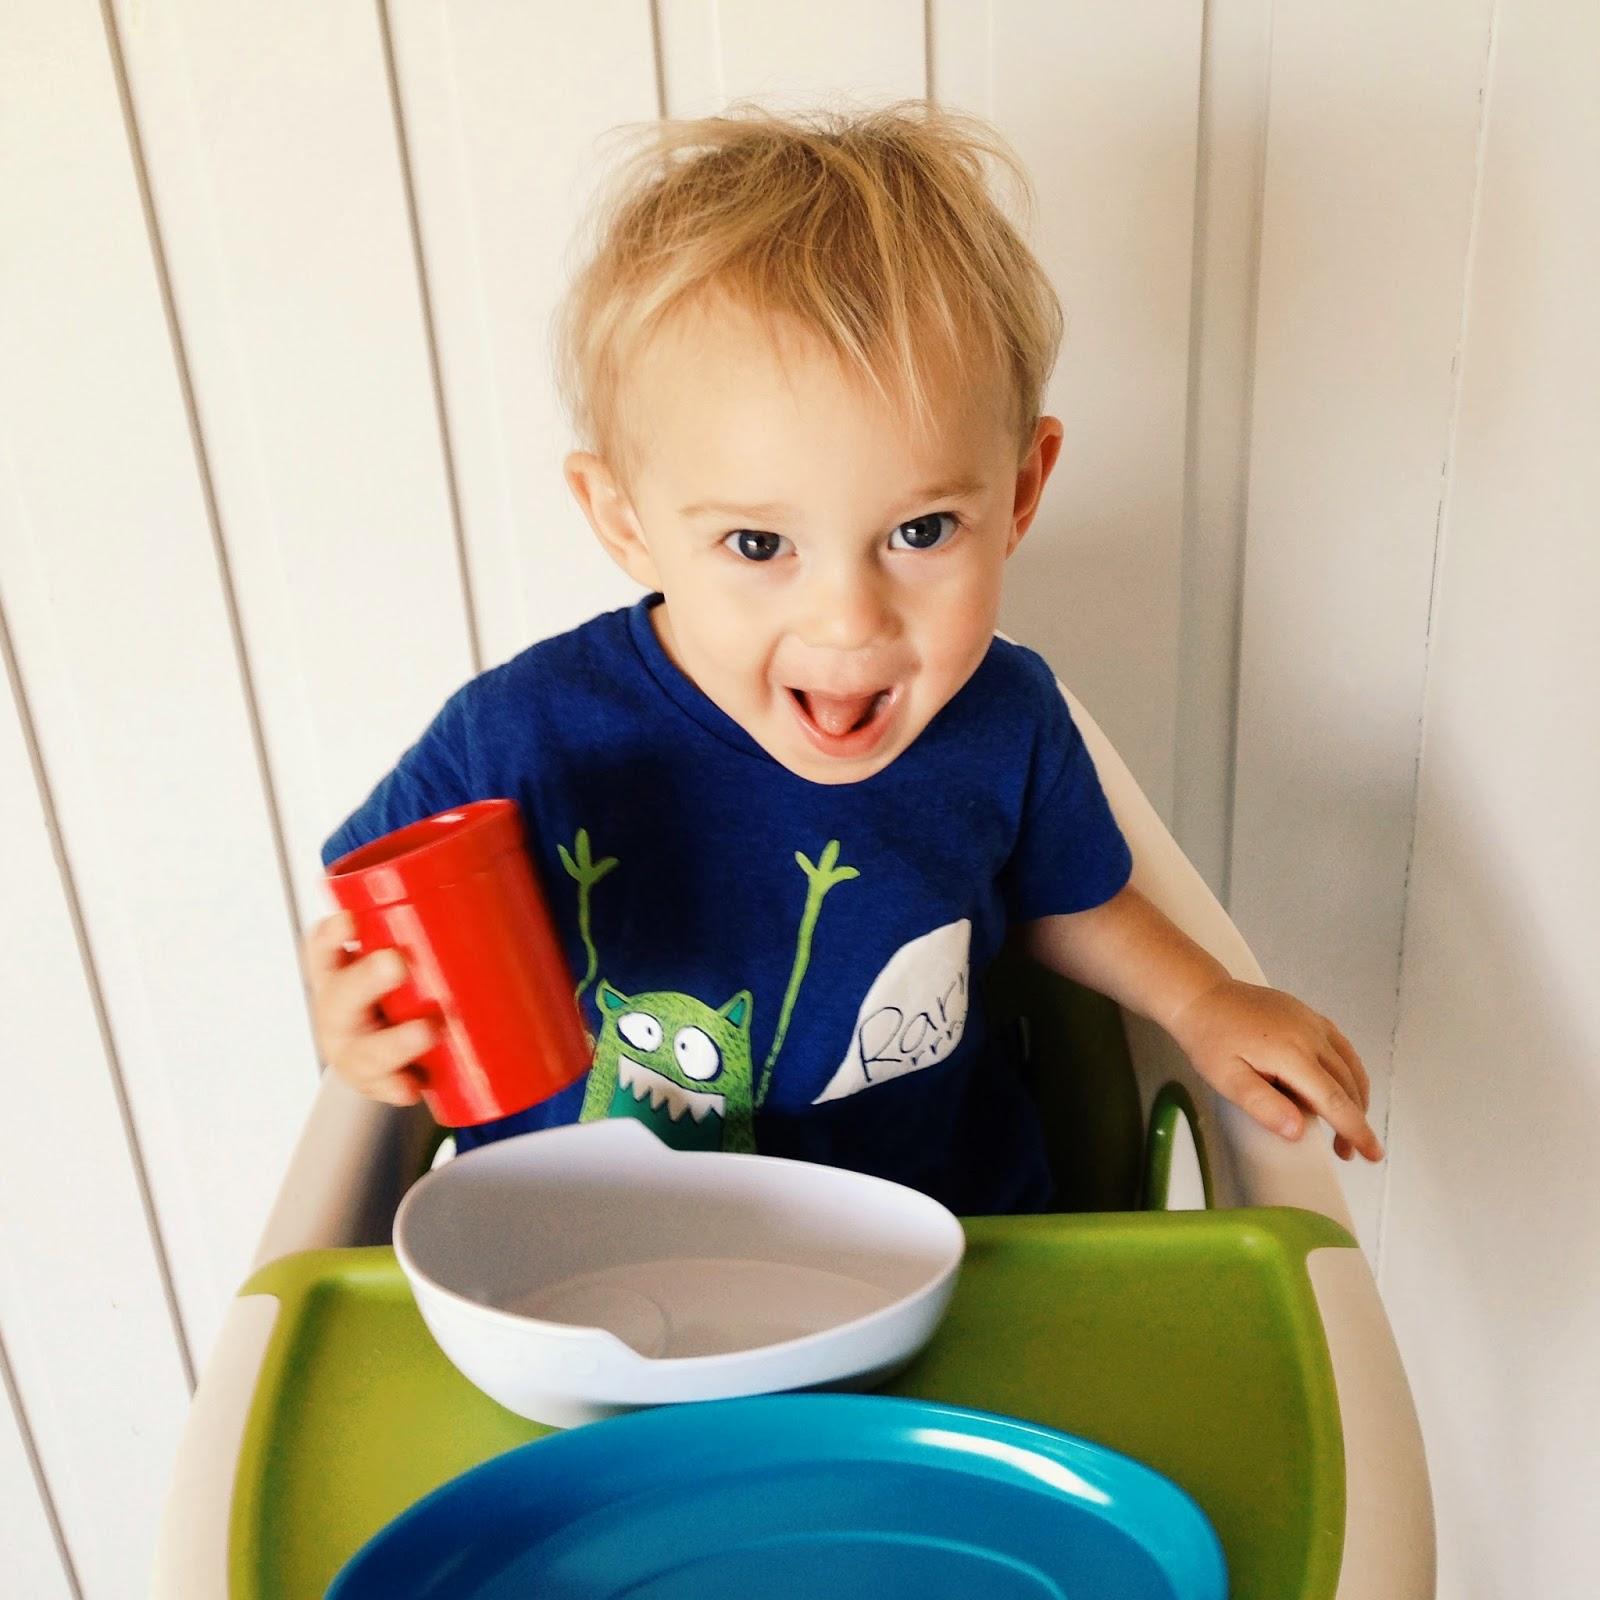 Max at breakfast time in Peter Alexander PJs